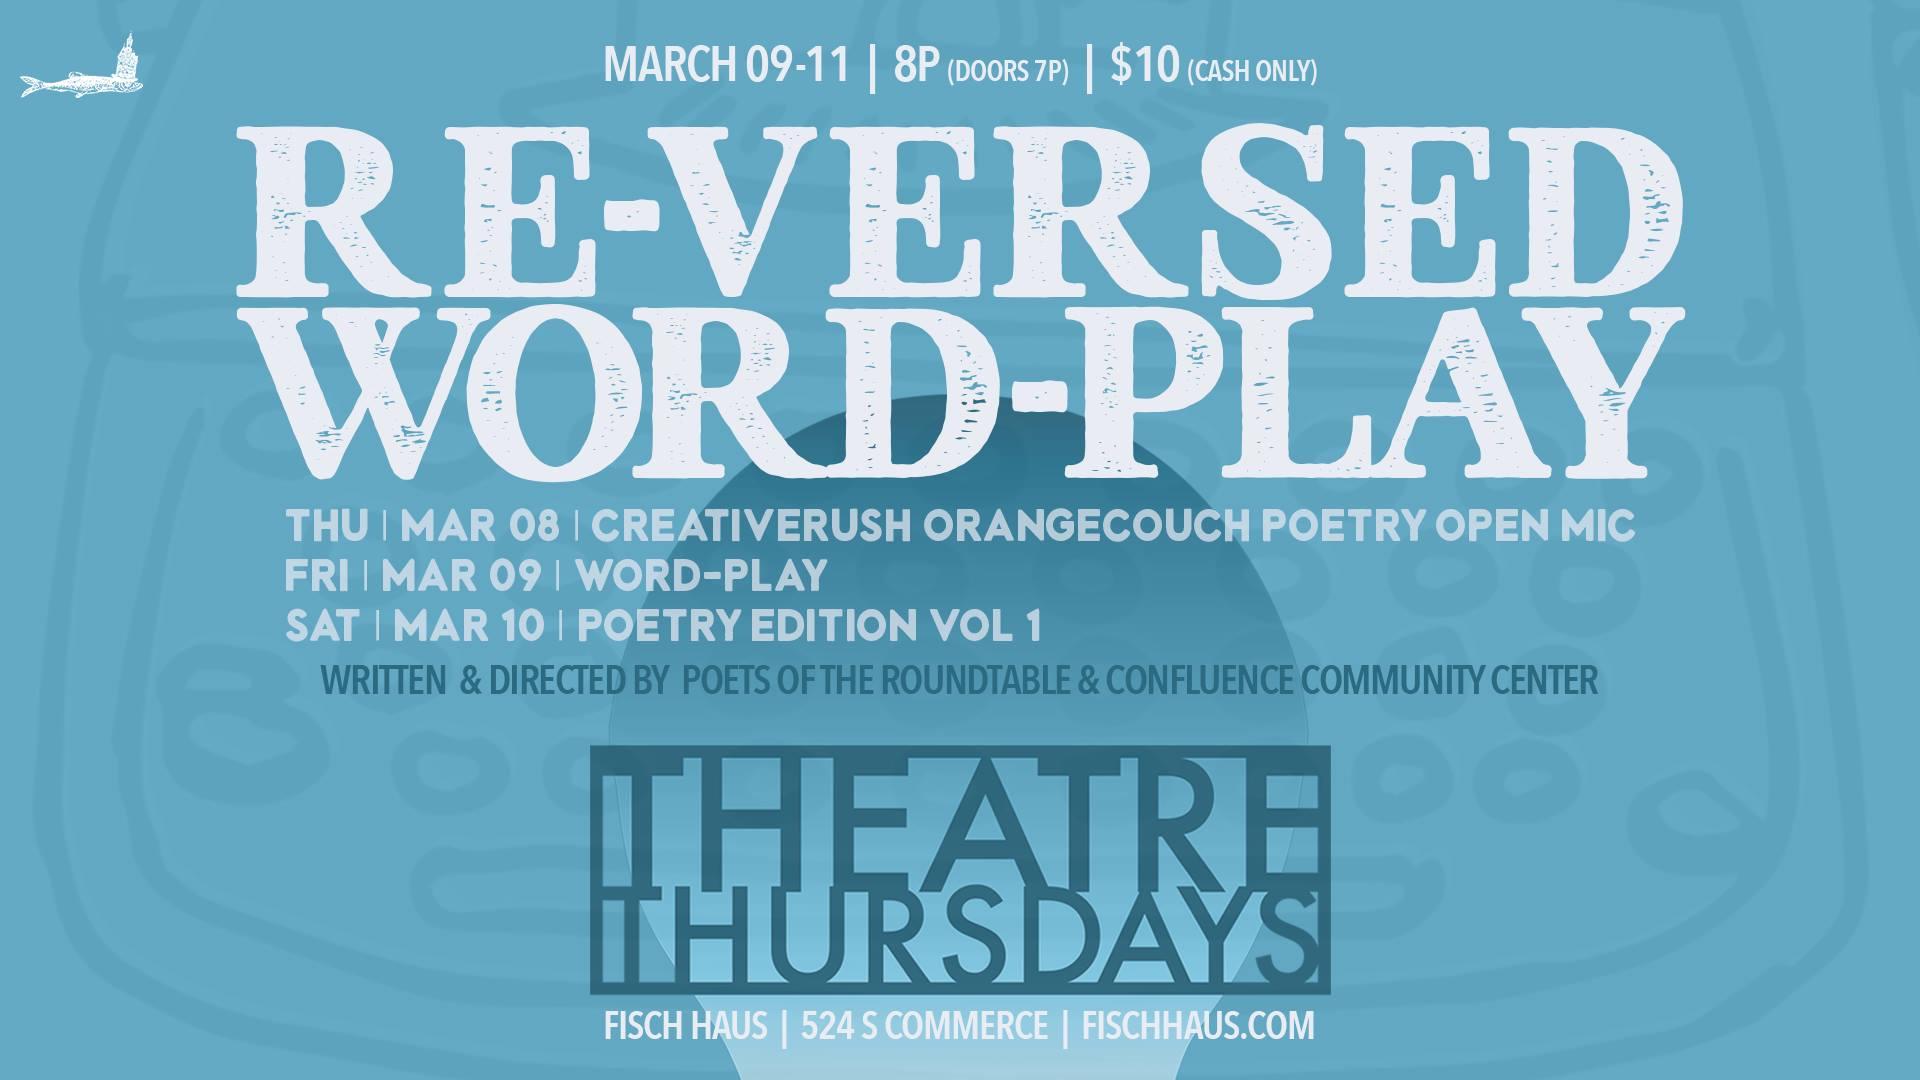 Theatre Thursdays